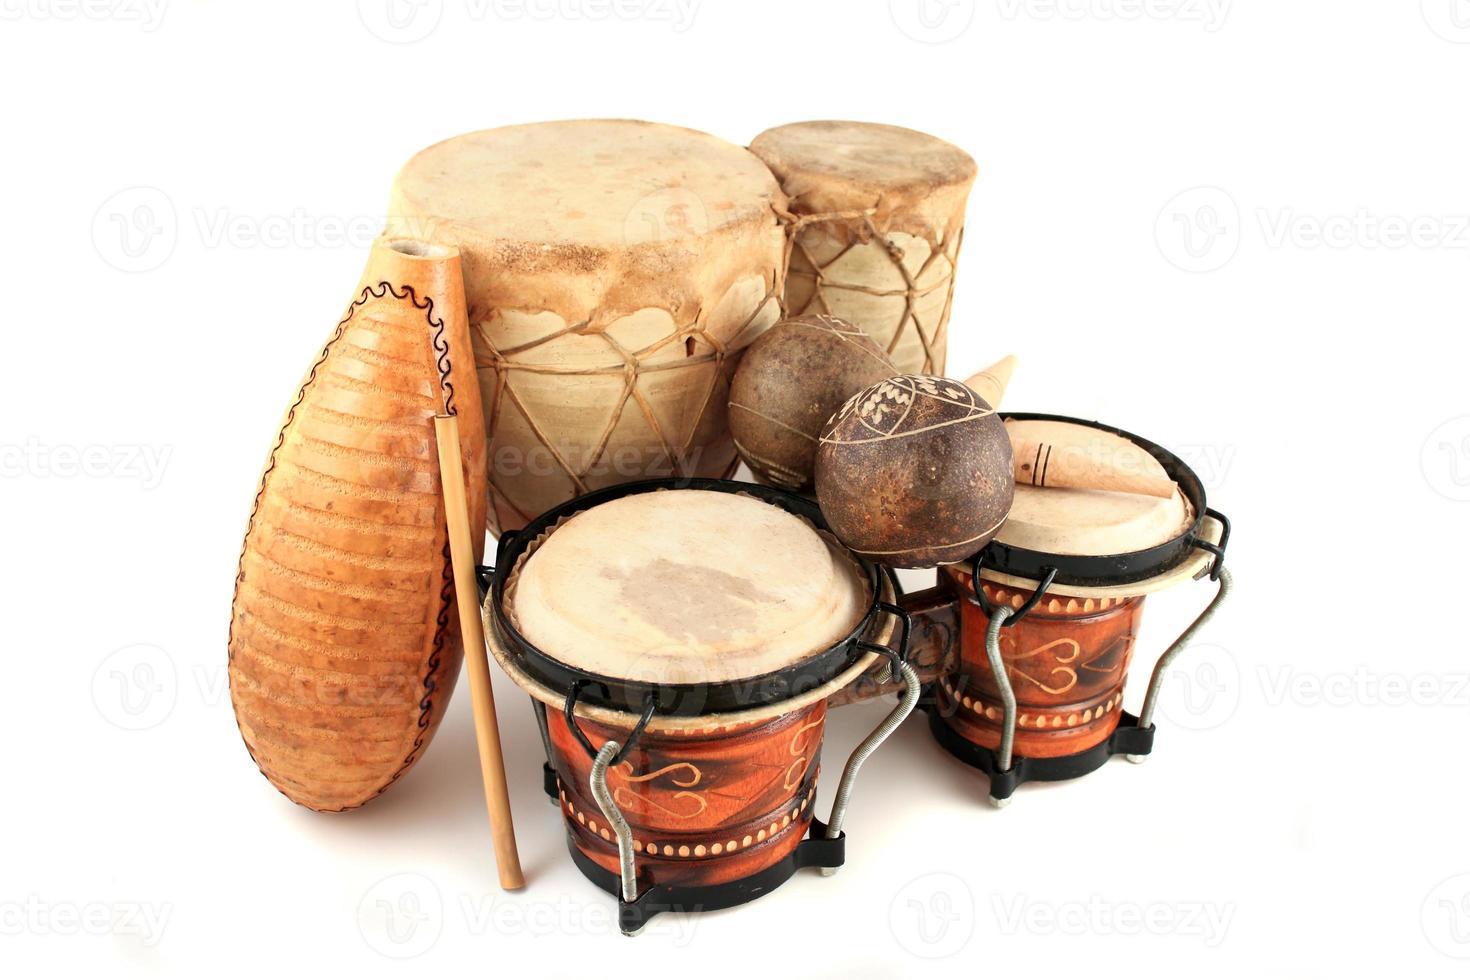 latinska rytminstrument foto